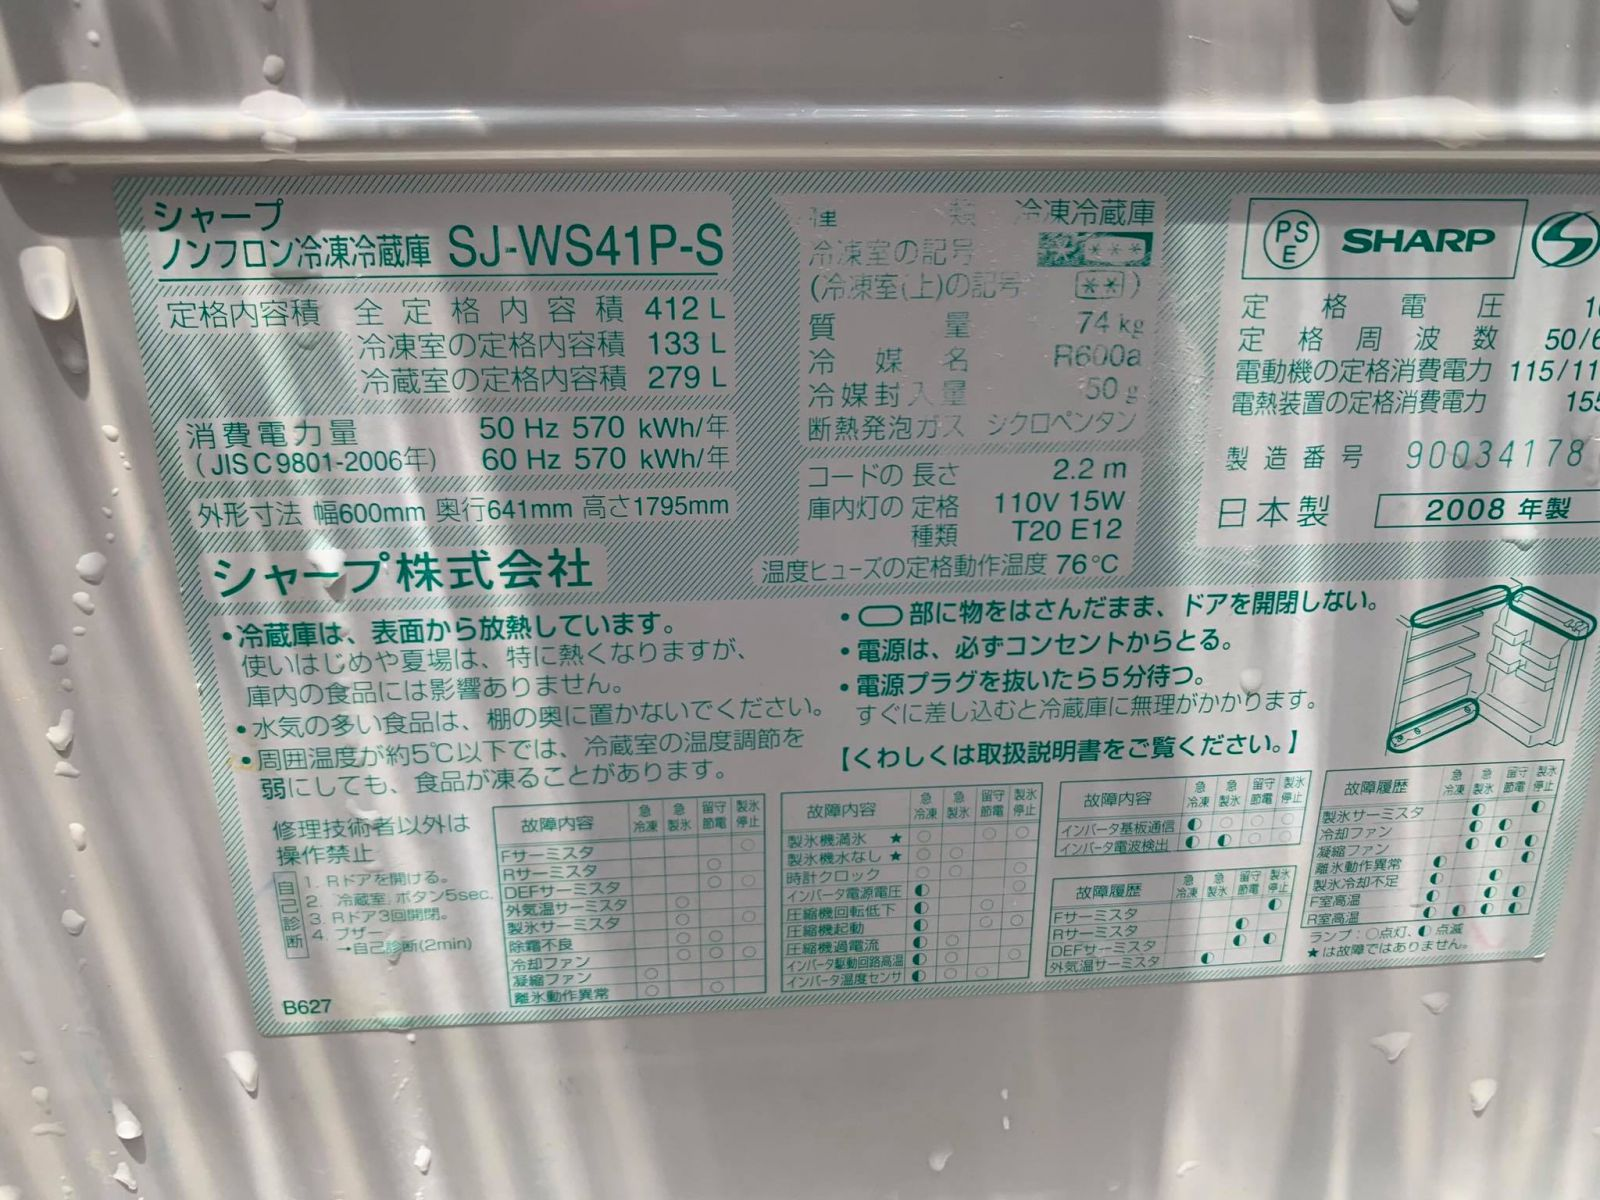 Tủ lạnh Nhật Sharp SJ-WS41P-S 2008